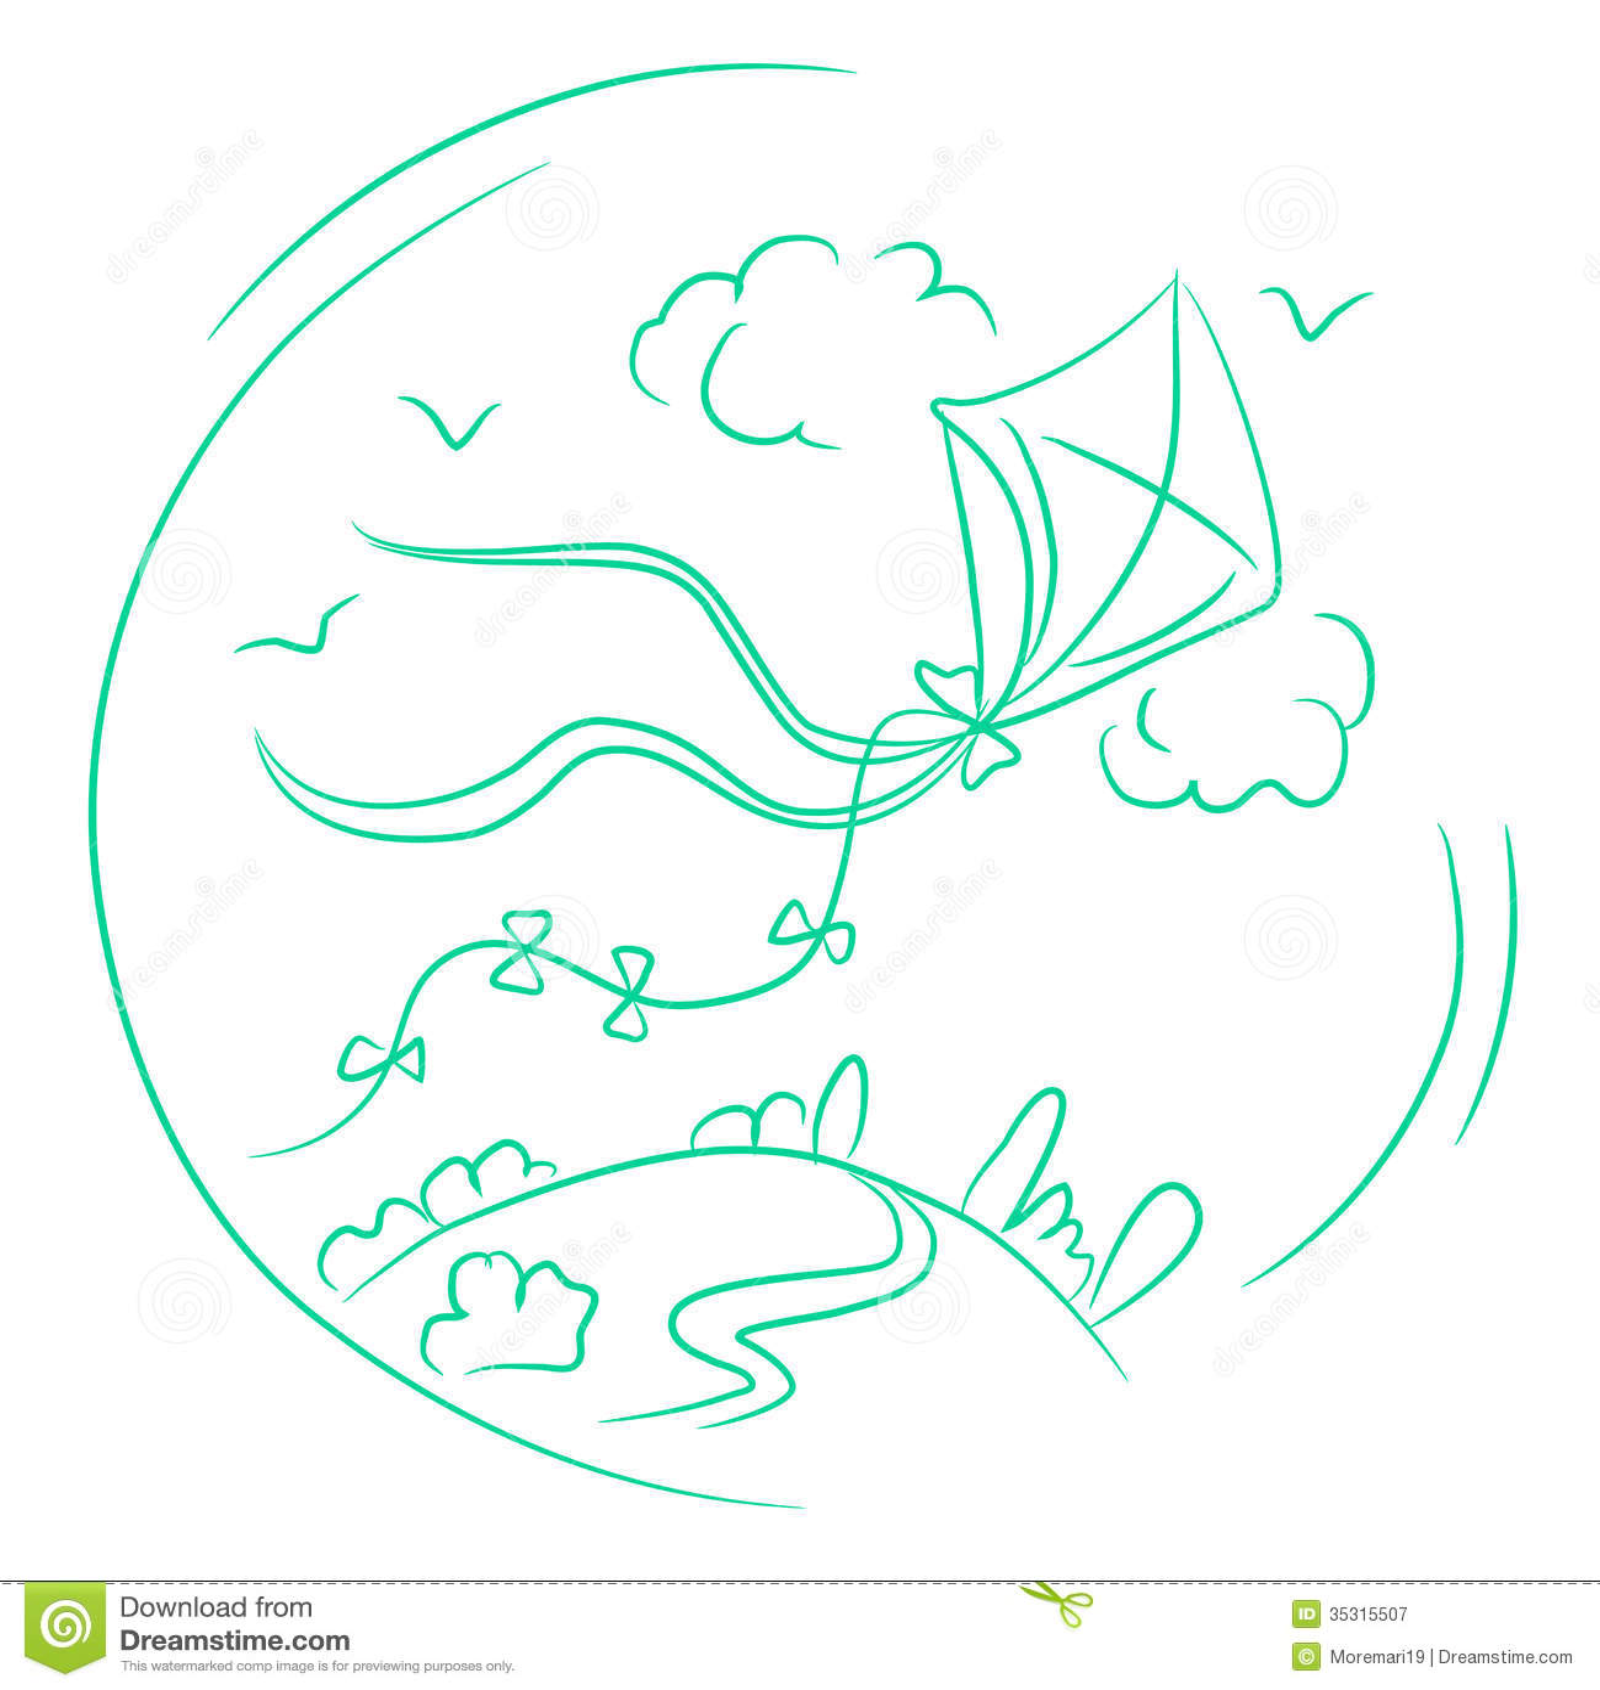 Landscape Illustration Vector Free: Sketch Of The Kite In A Landscape Stock Illustration